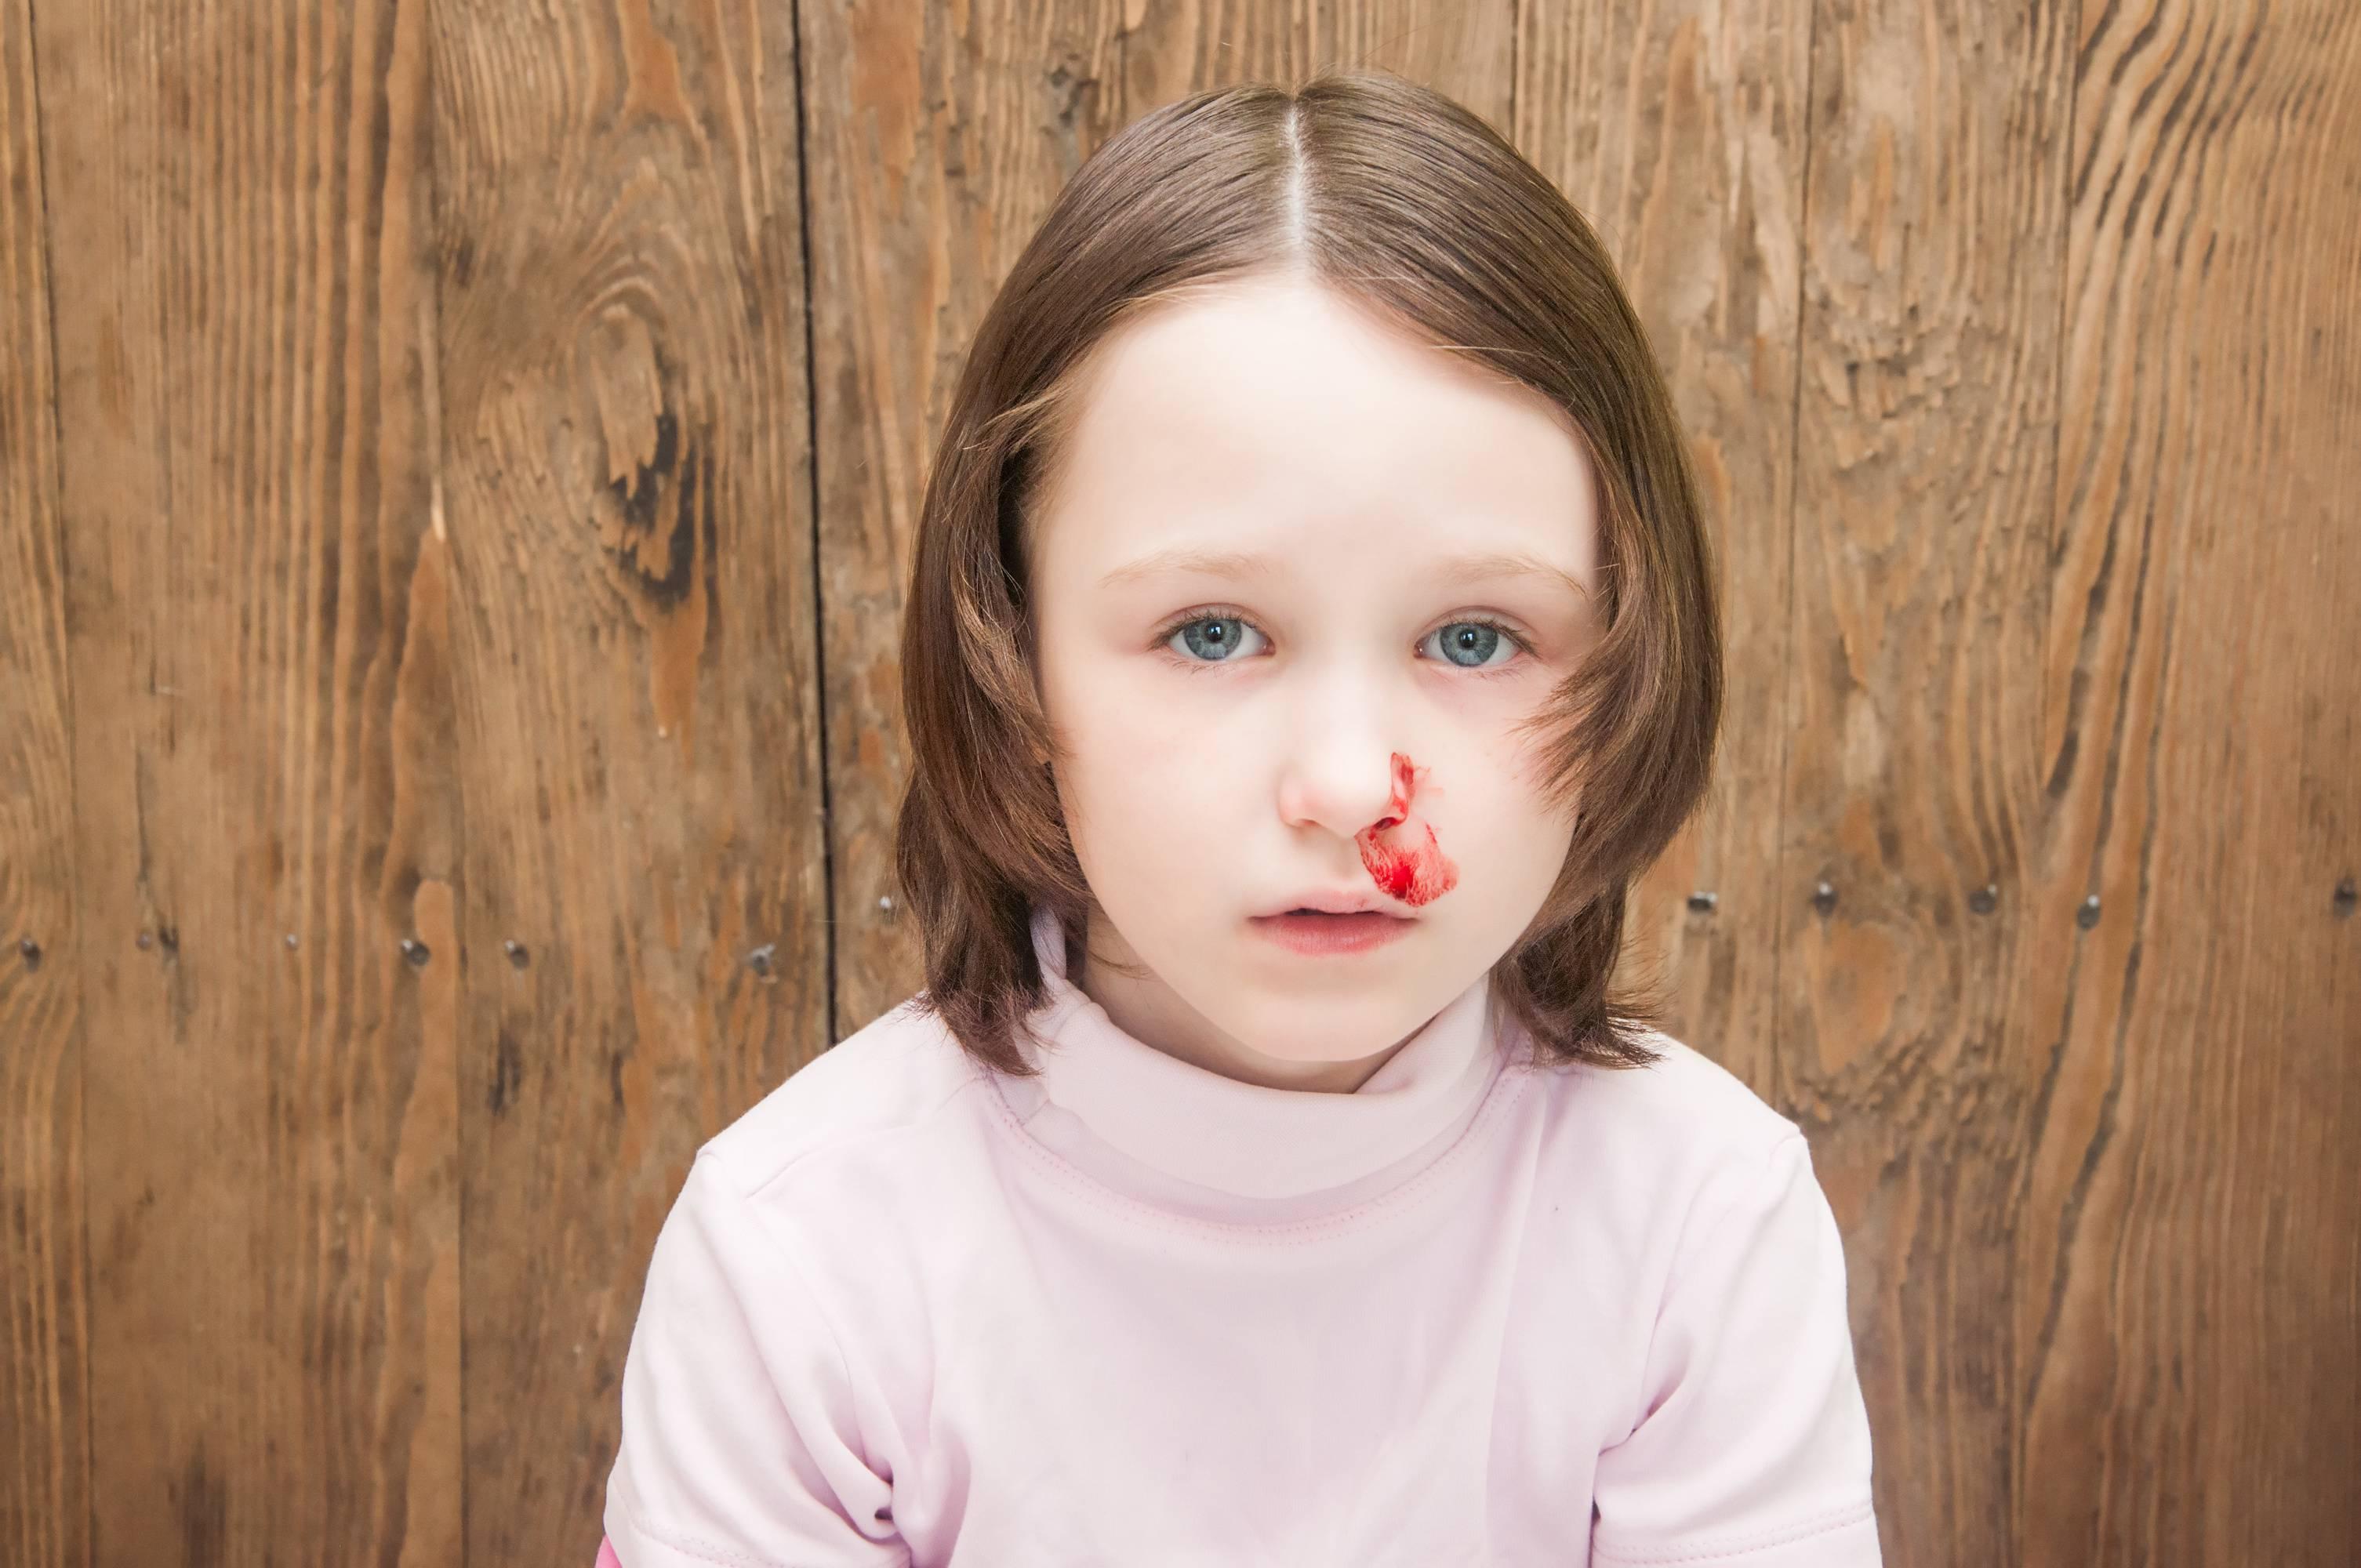 Thời tiết hanh khô là nguyên nhân chính dẫn đến chảy máu cam ở trẻ. Ảnh minh họa